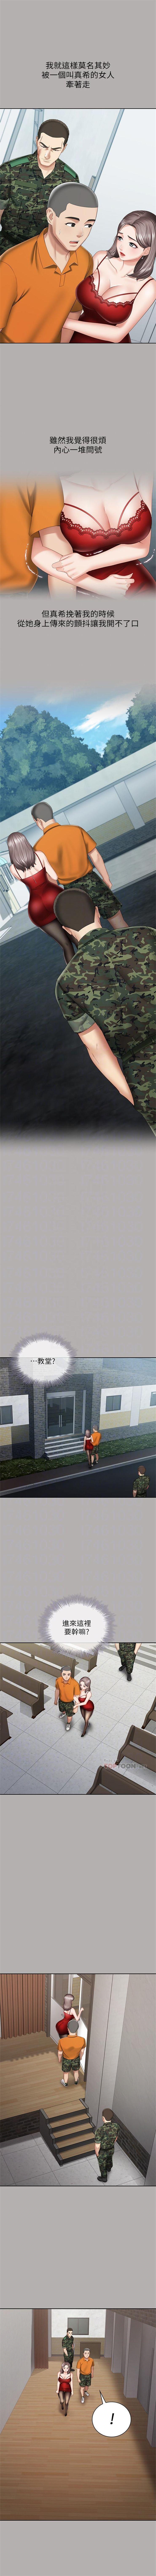 (週6)妹妹的義務 1-19 中文翻譯(更新中) 162